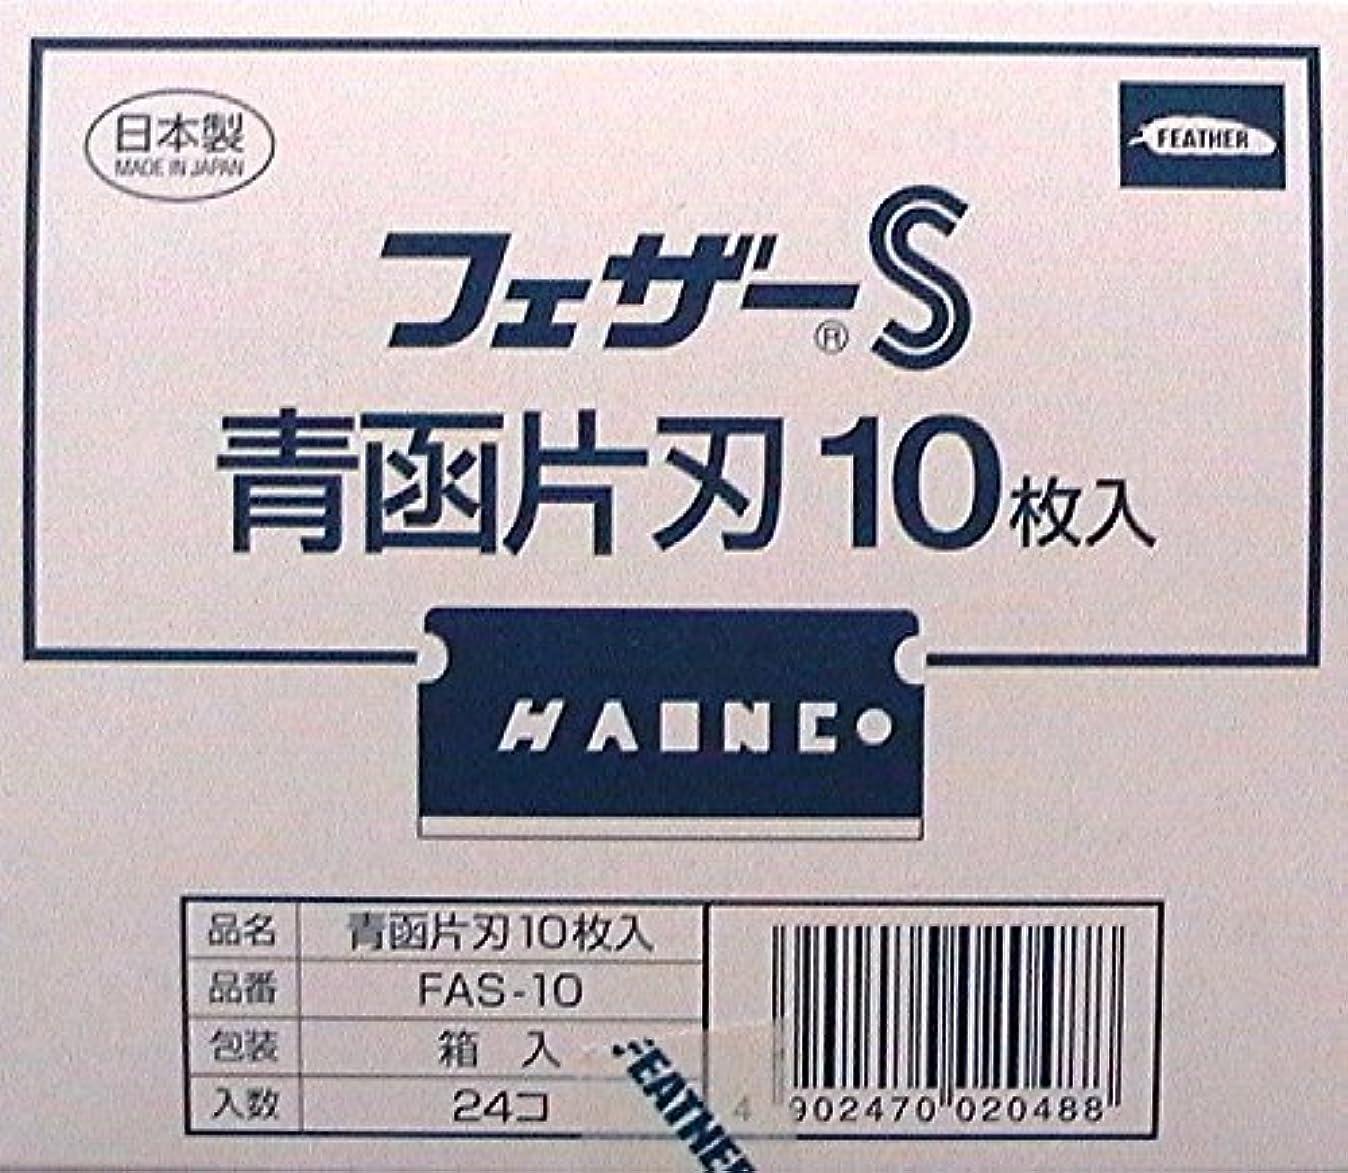 お風呂アラームシュガーフェザーS 青函片刃 FAS-10箱入り10枚入り×24箱(240枚入り)